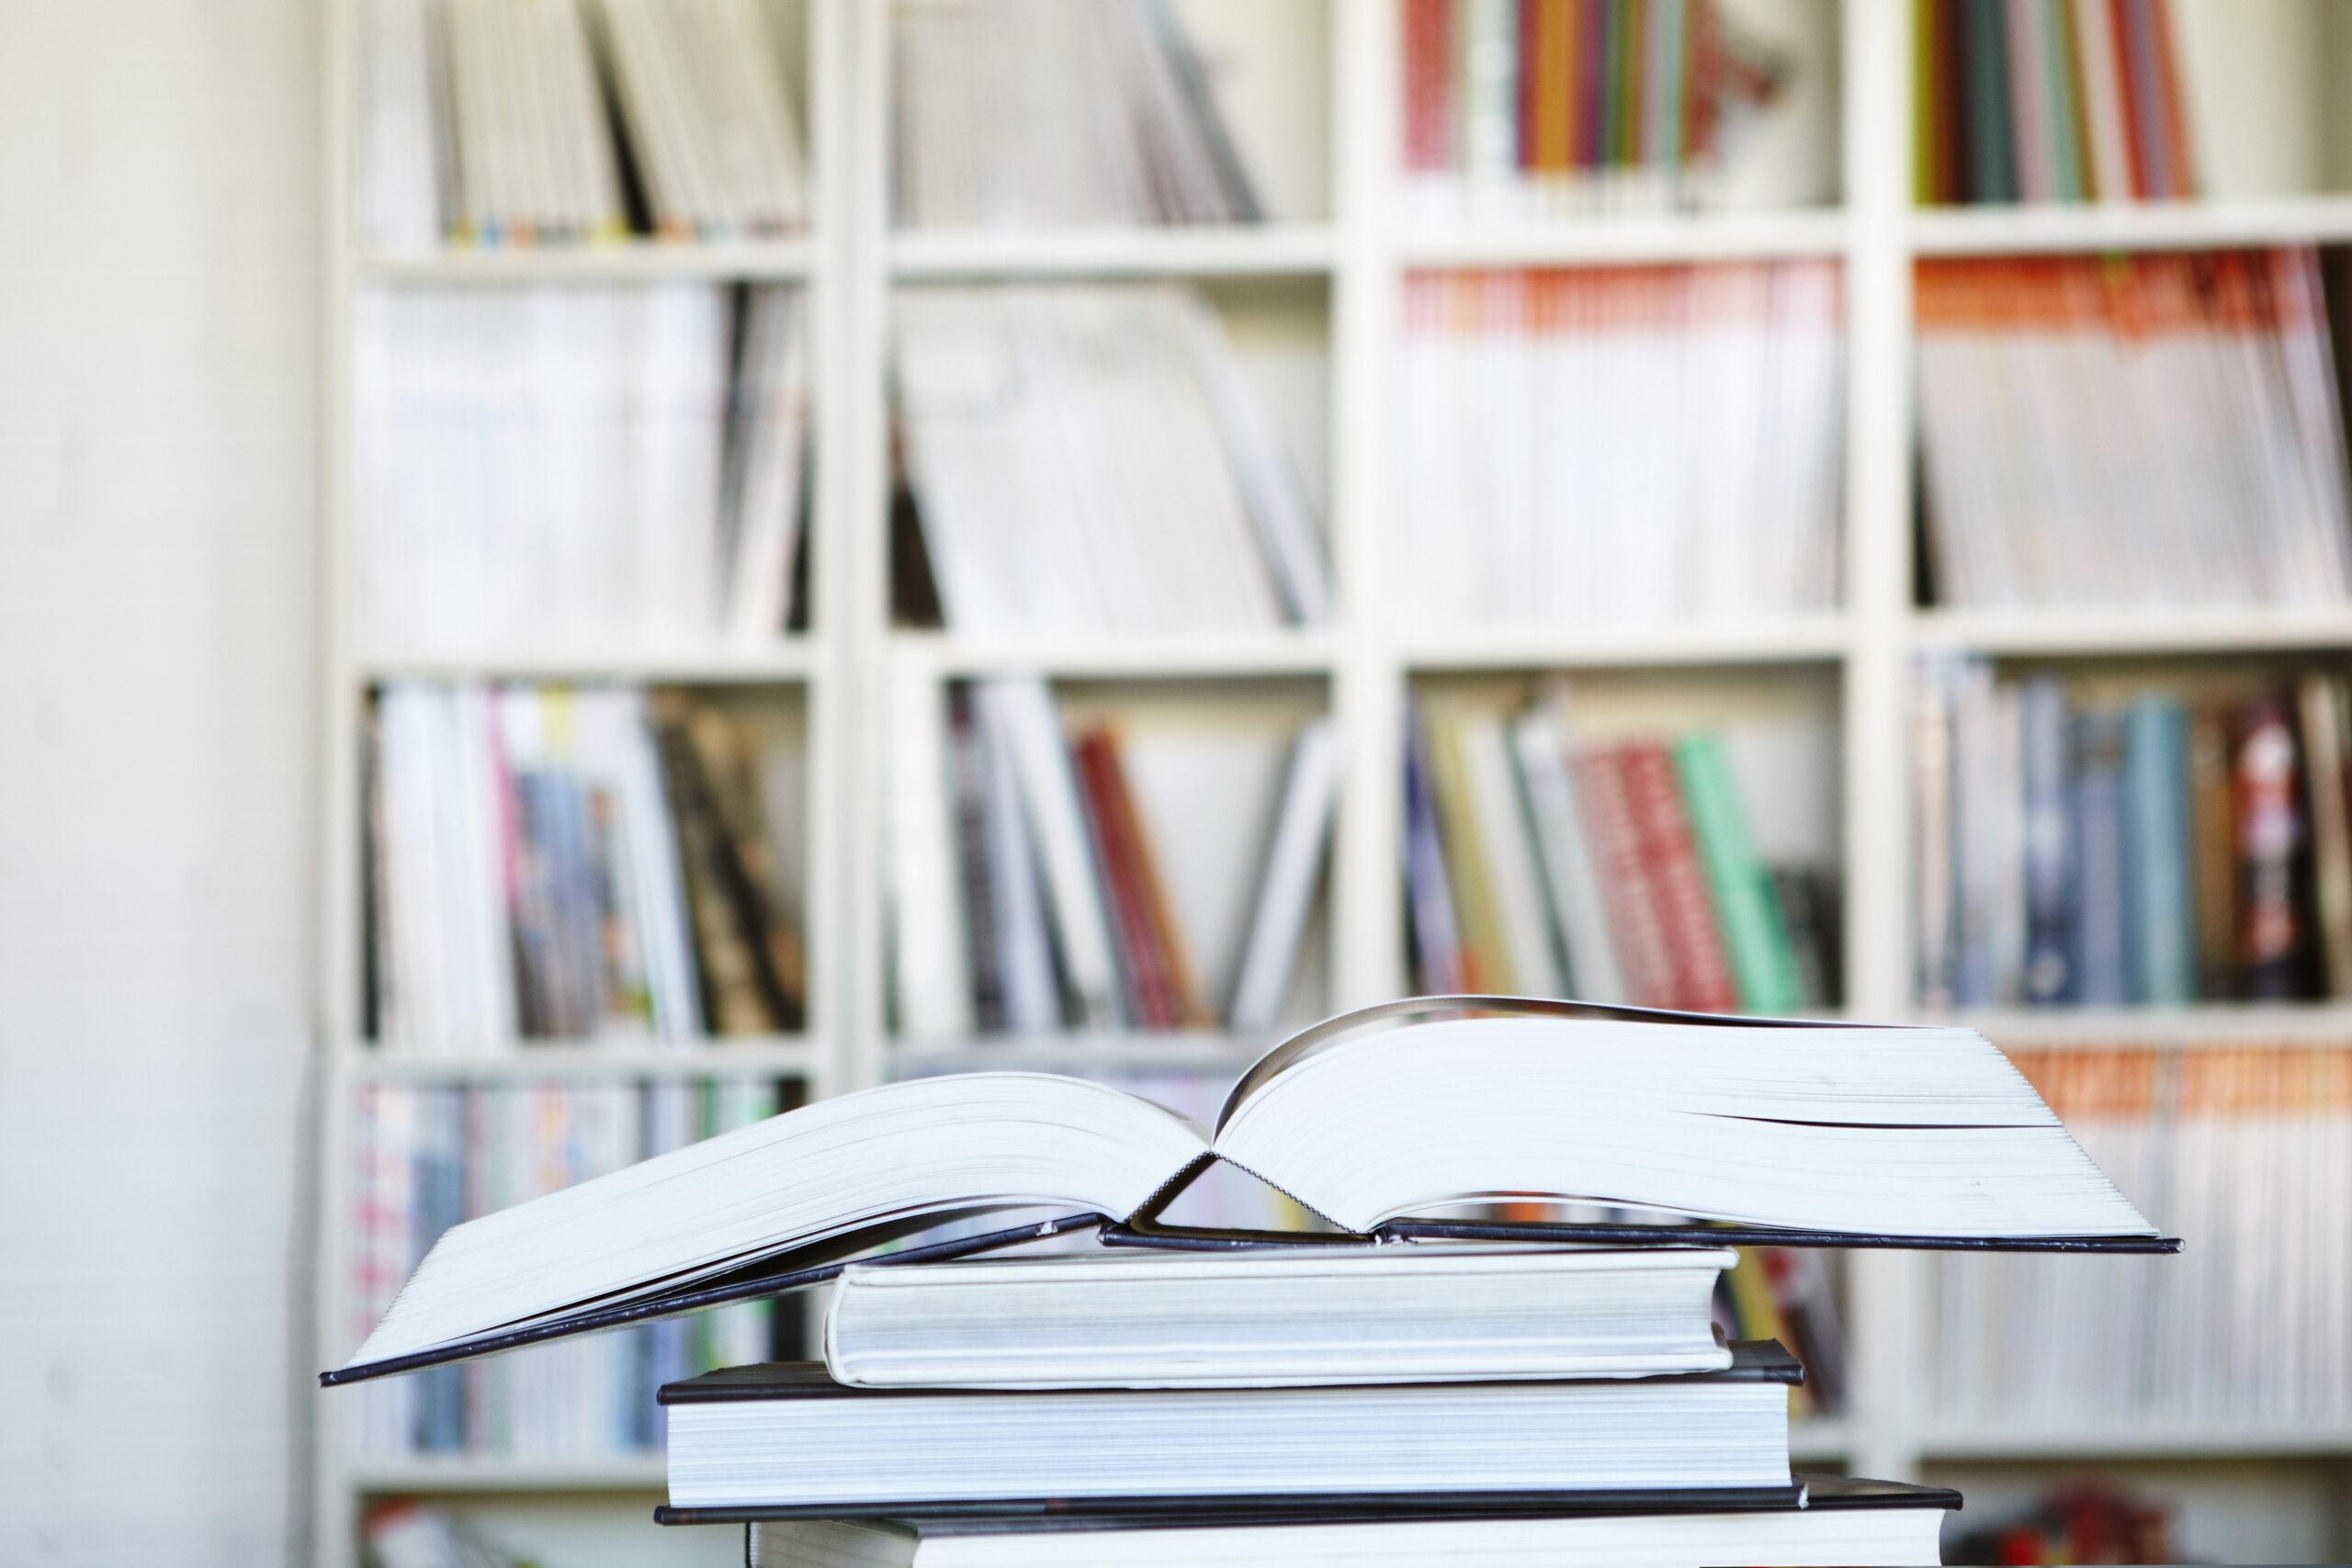 Complicado y con caída en las ventas, así califican librerxs cordobeses el 2019